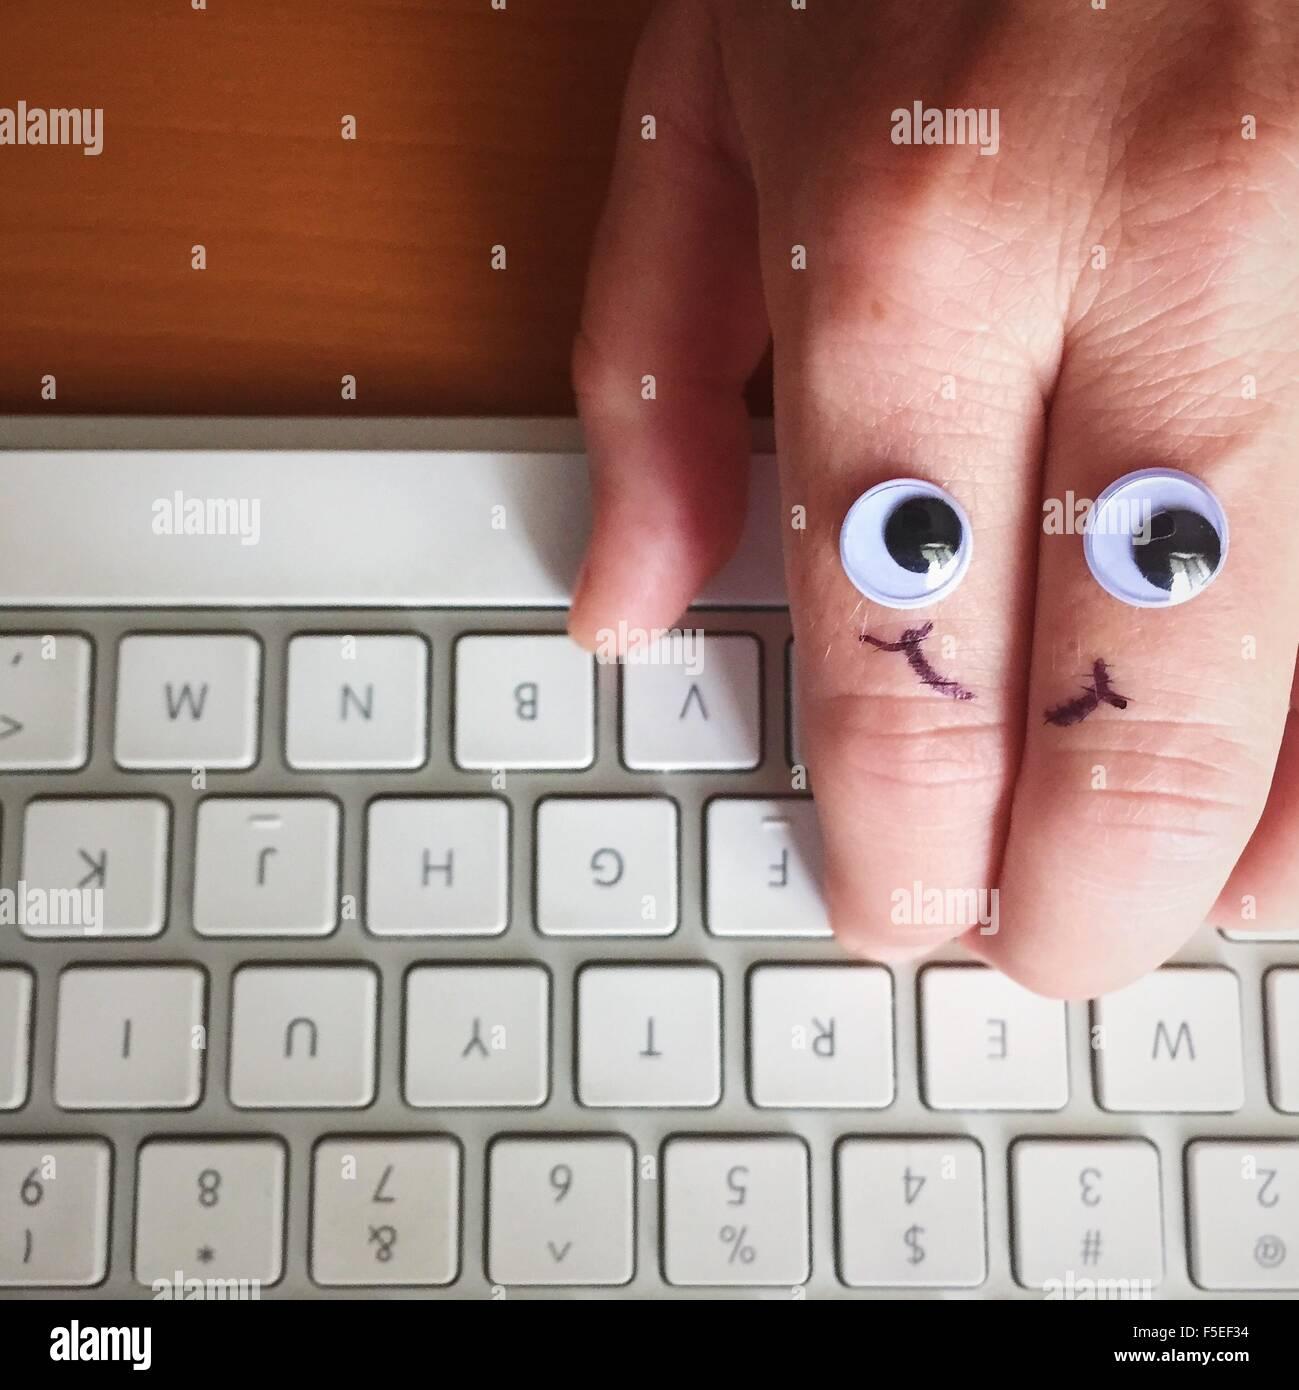 Google Augen und Smiley-Gesicht gezeichnet auf einer Hand Tippen auf Tastatur Stockbild